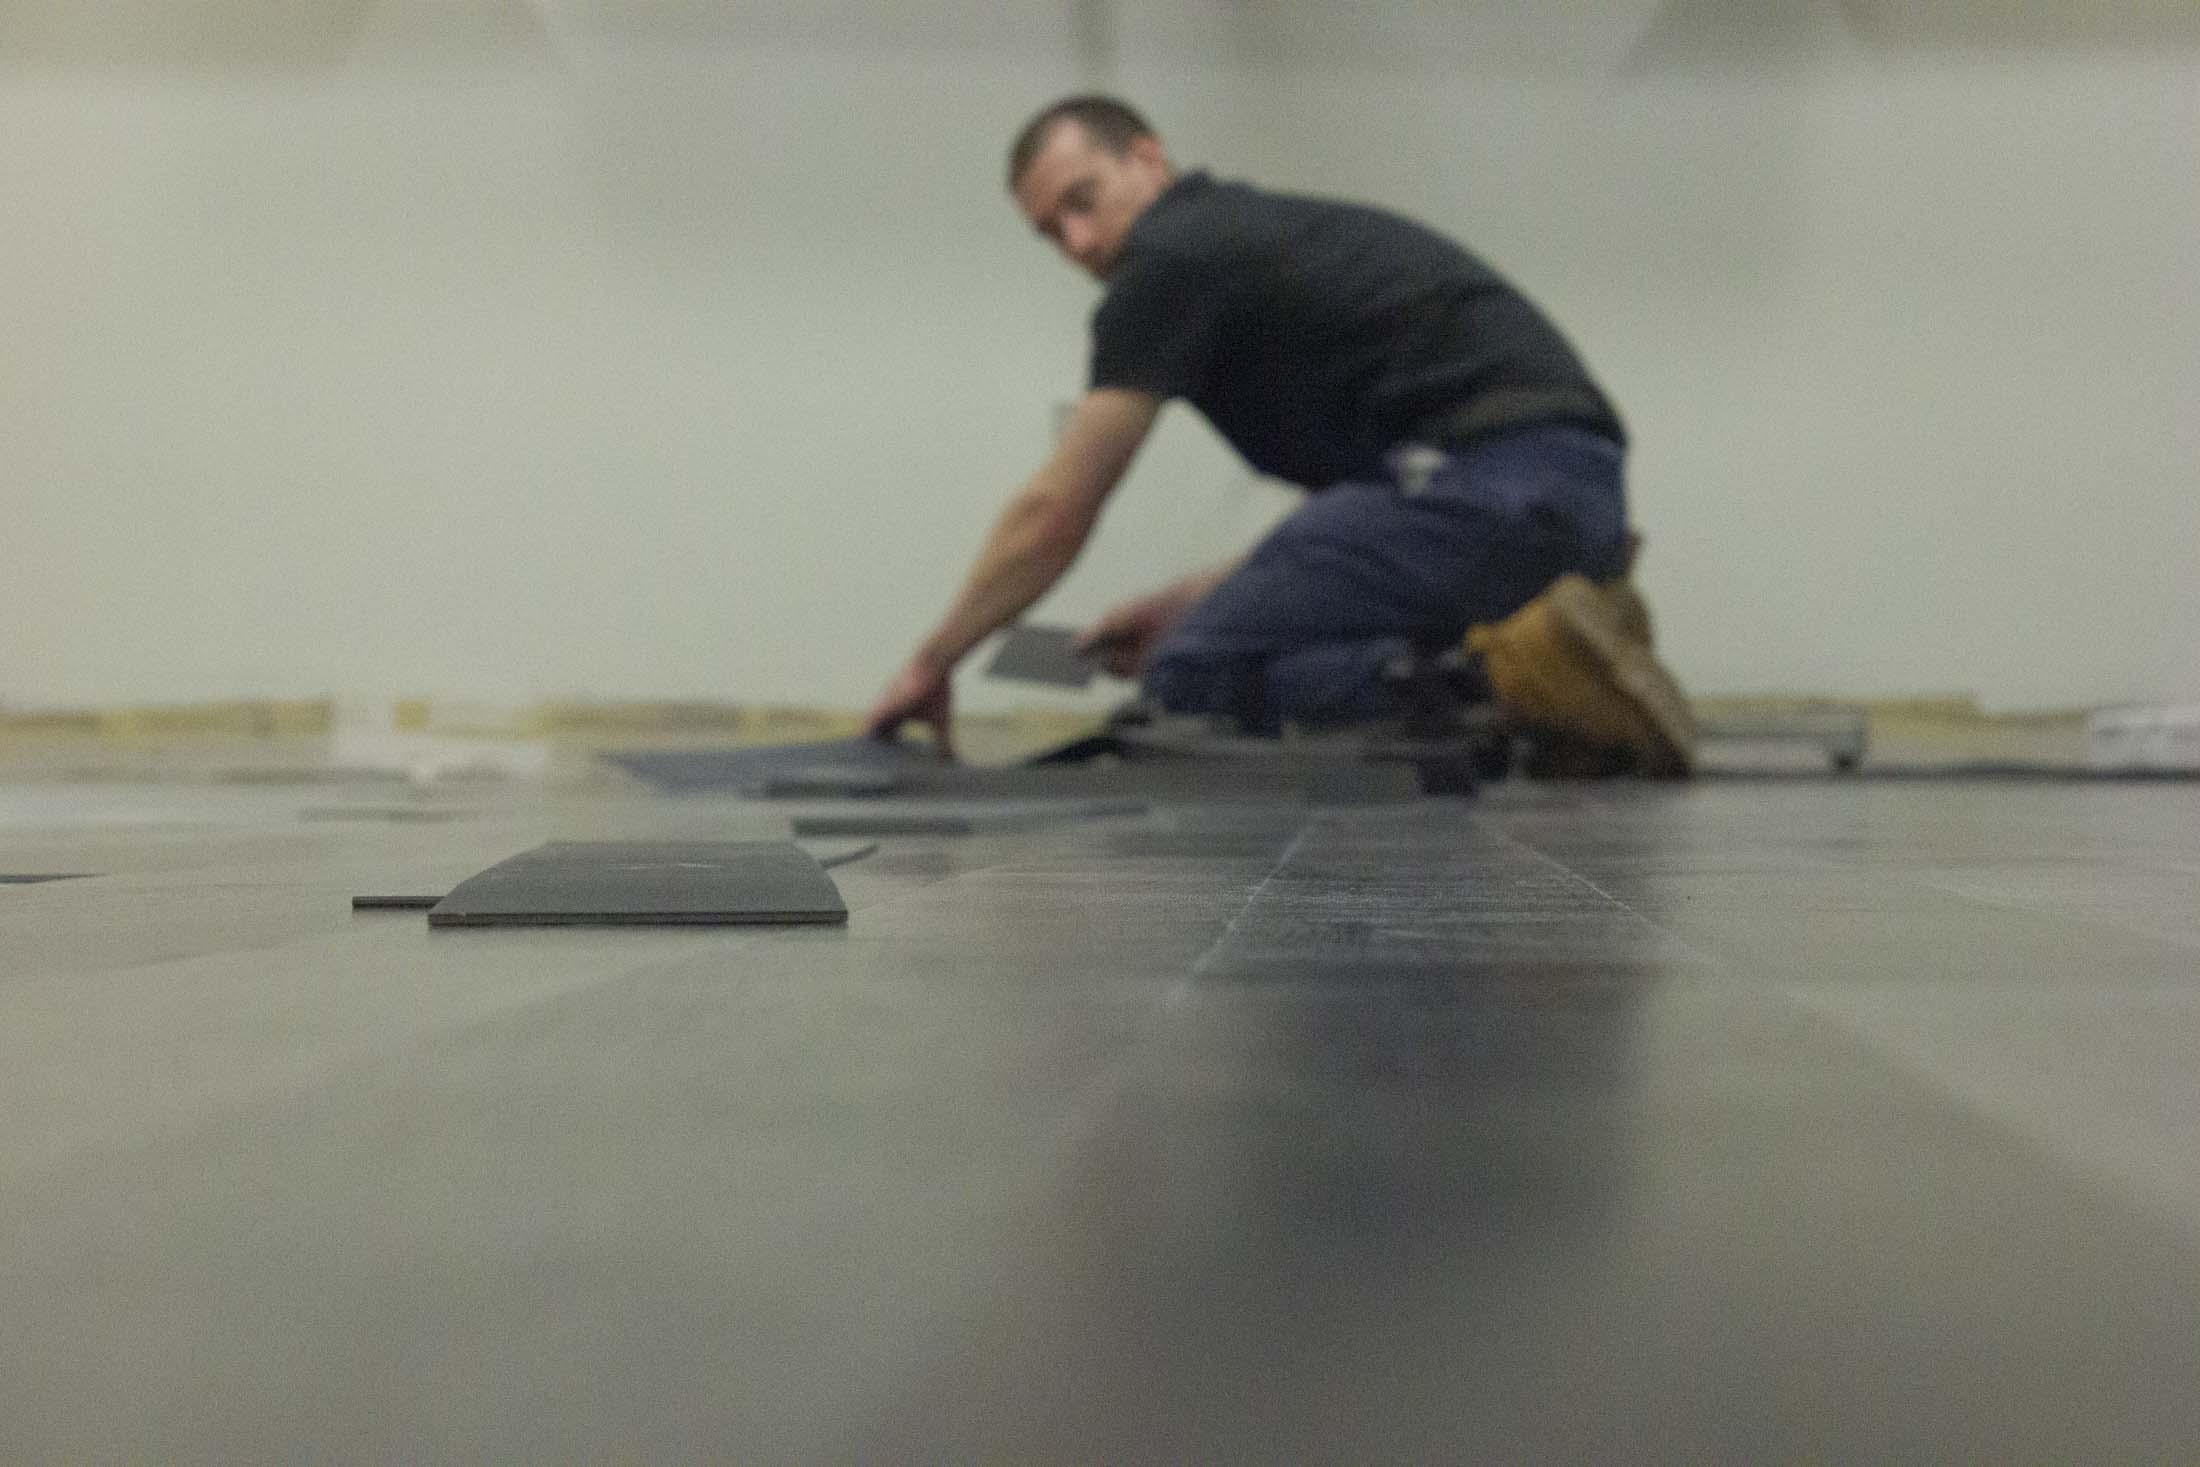 a worker installs the floor